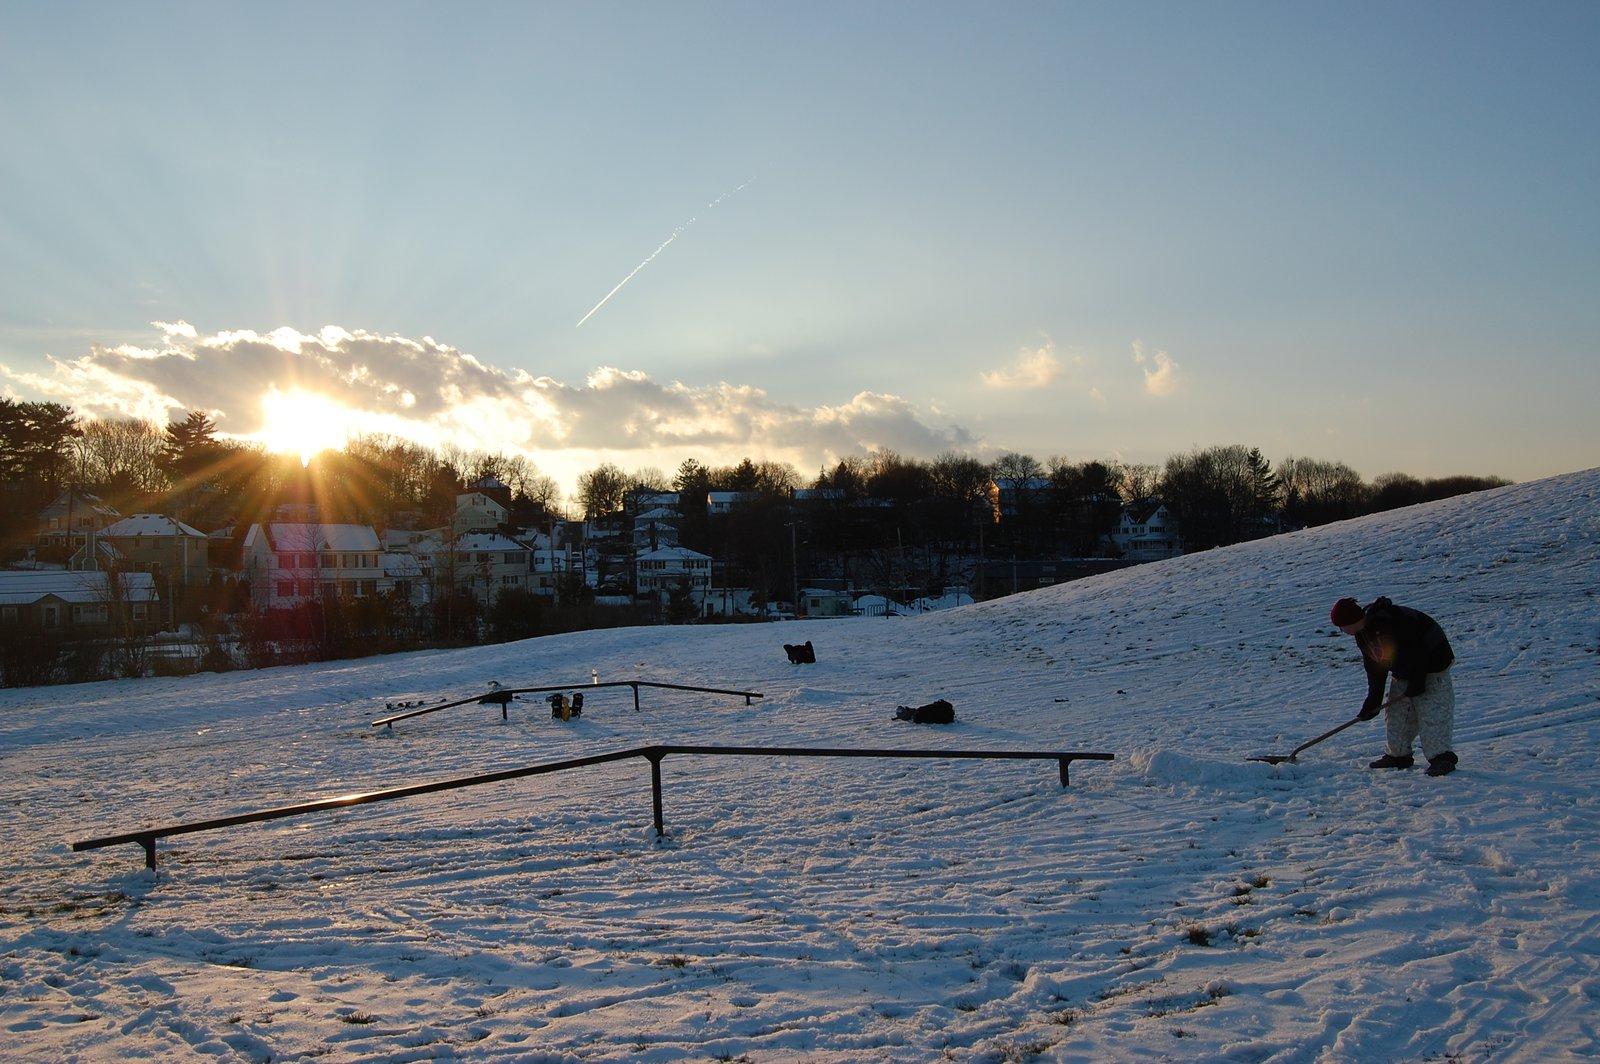 Our Jib Park